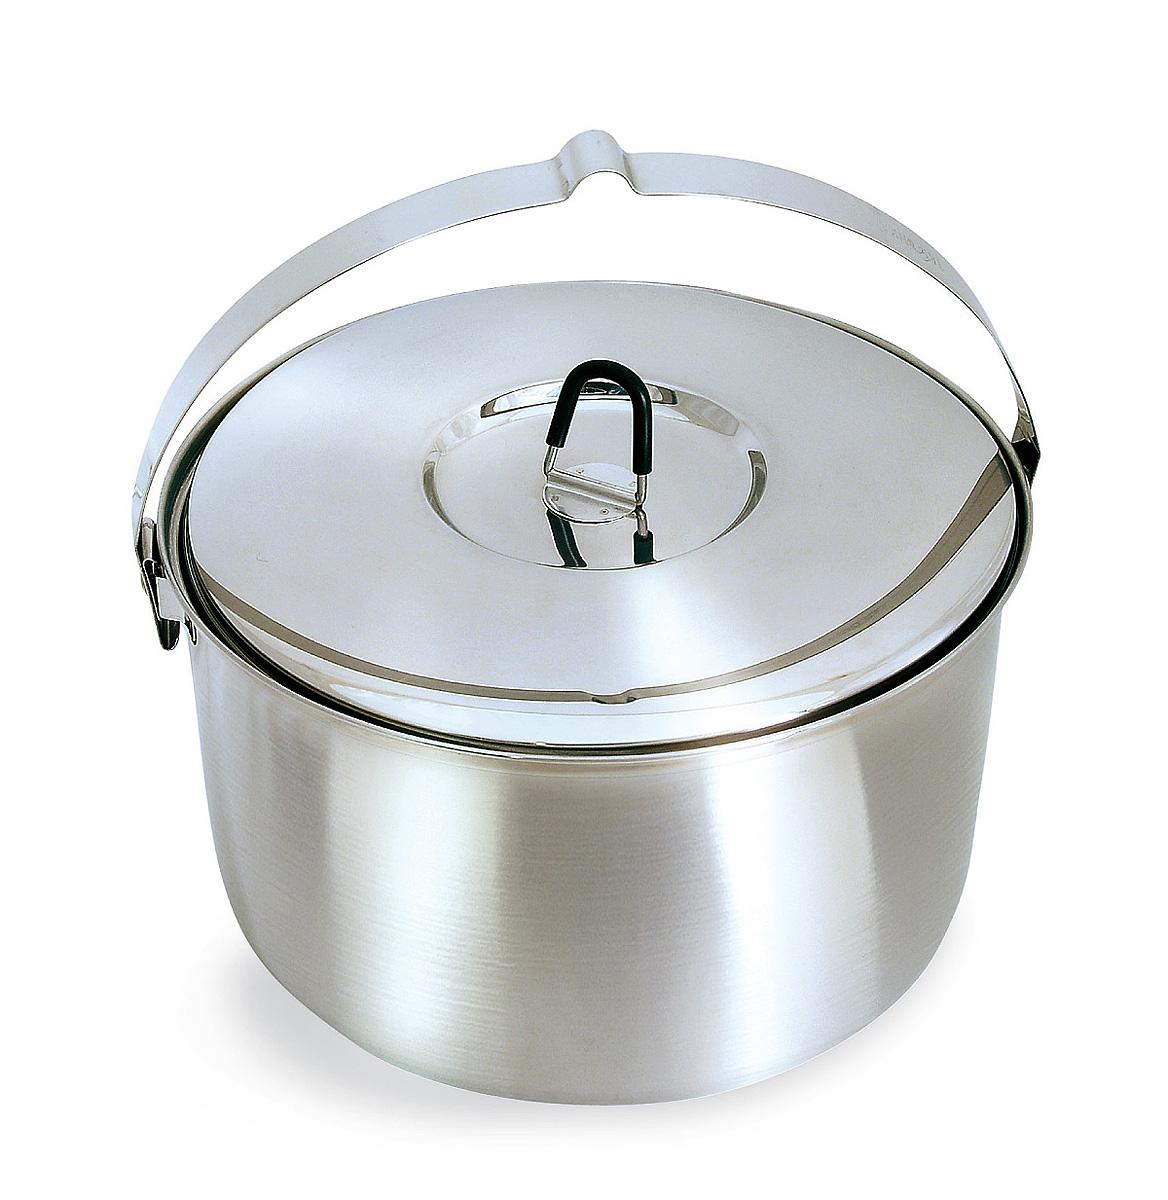 Котелок походный Tatonka Family Pot, 6 л4006.000Вместительный котелок Tatonka Family Pot отлично подойдет для большой компании. Выполнен из высококачественной нержавеющей стали 18/8, которая легко чистится, не имеет привкуса, устойчива к коррозии, долговечна. Крышка котелка имеет не нагревающуюся ручку. Преимущества и особенности: Выполнен из нержавеющей стали Мерная шкала внутри котелка Прорезиненная ручка крышки. Диаметр котелка: 26 см. Высота котелка: 15 см.